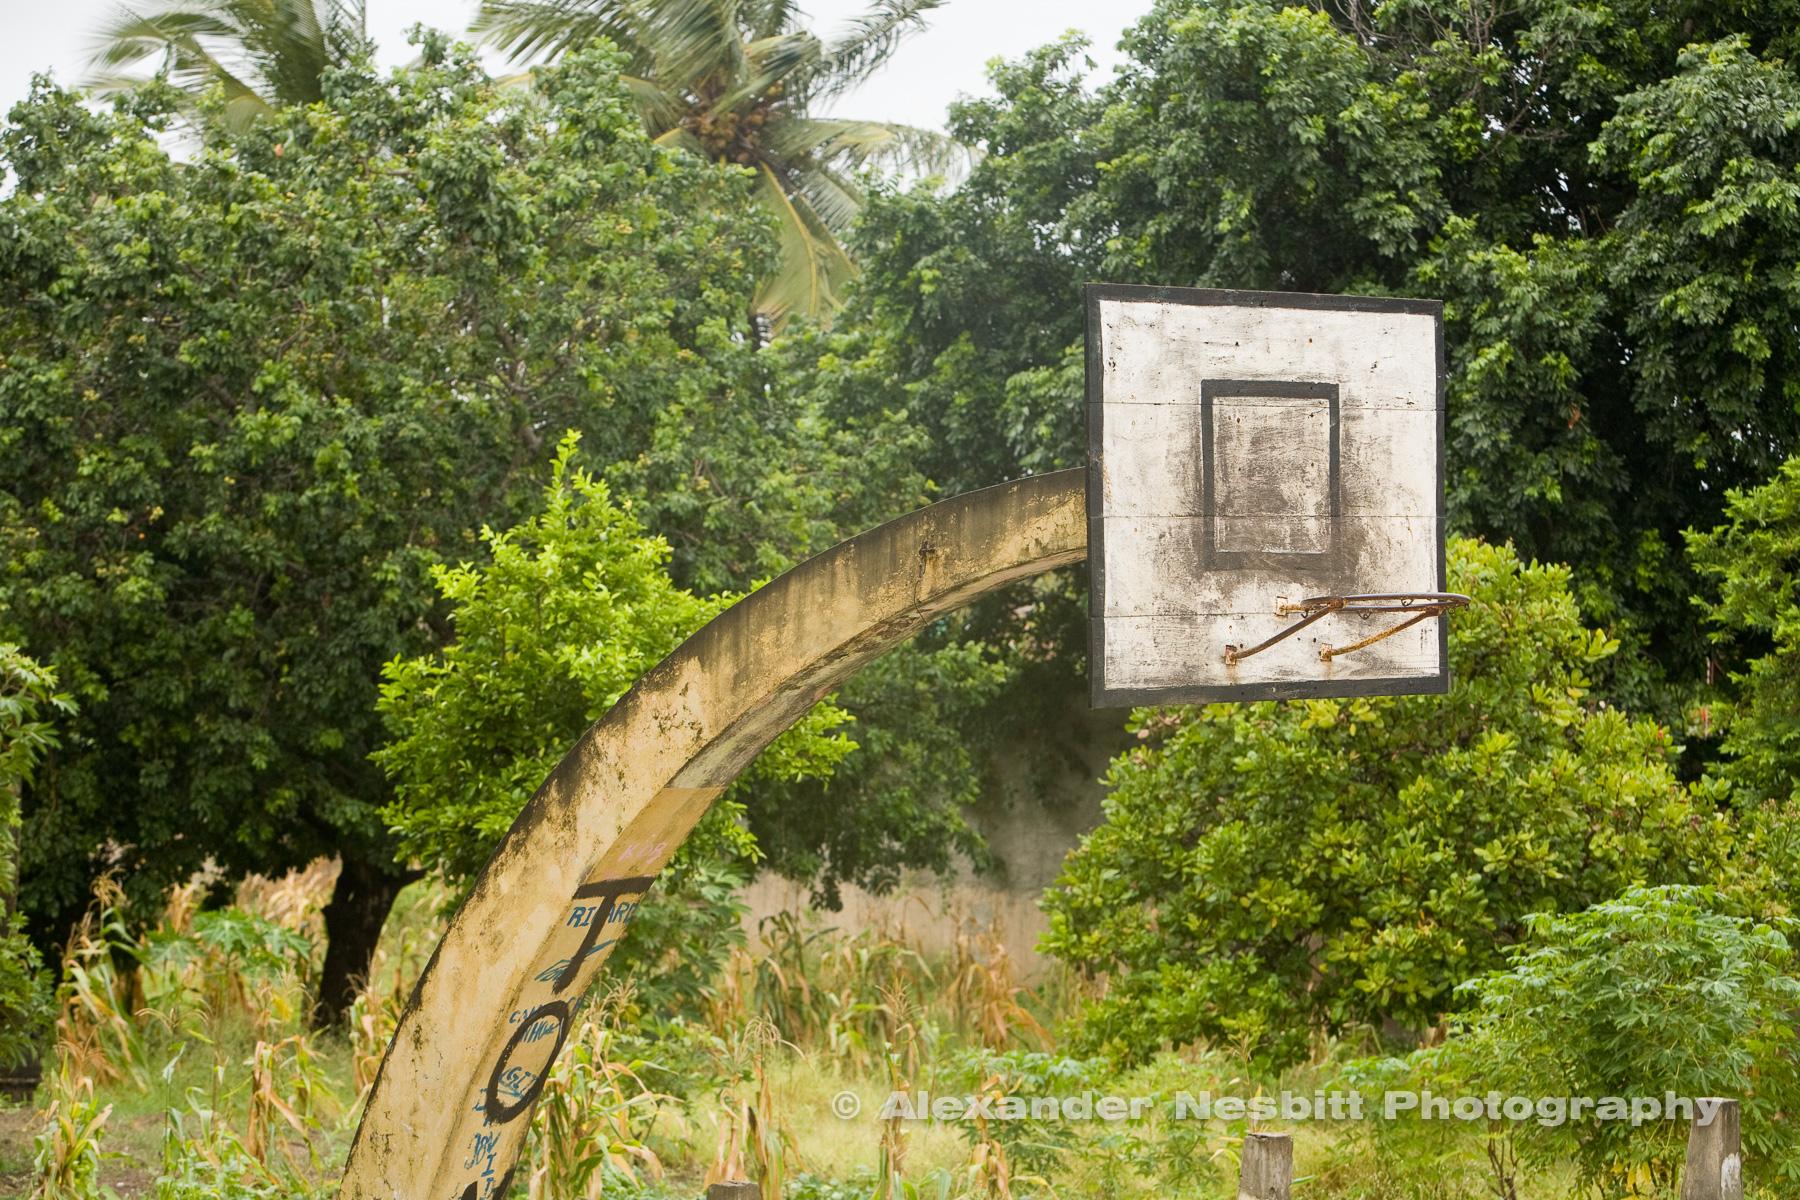 Inhambane,Mozambique, near Tofo Beach a simple basketball hoop - it's a global sport